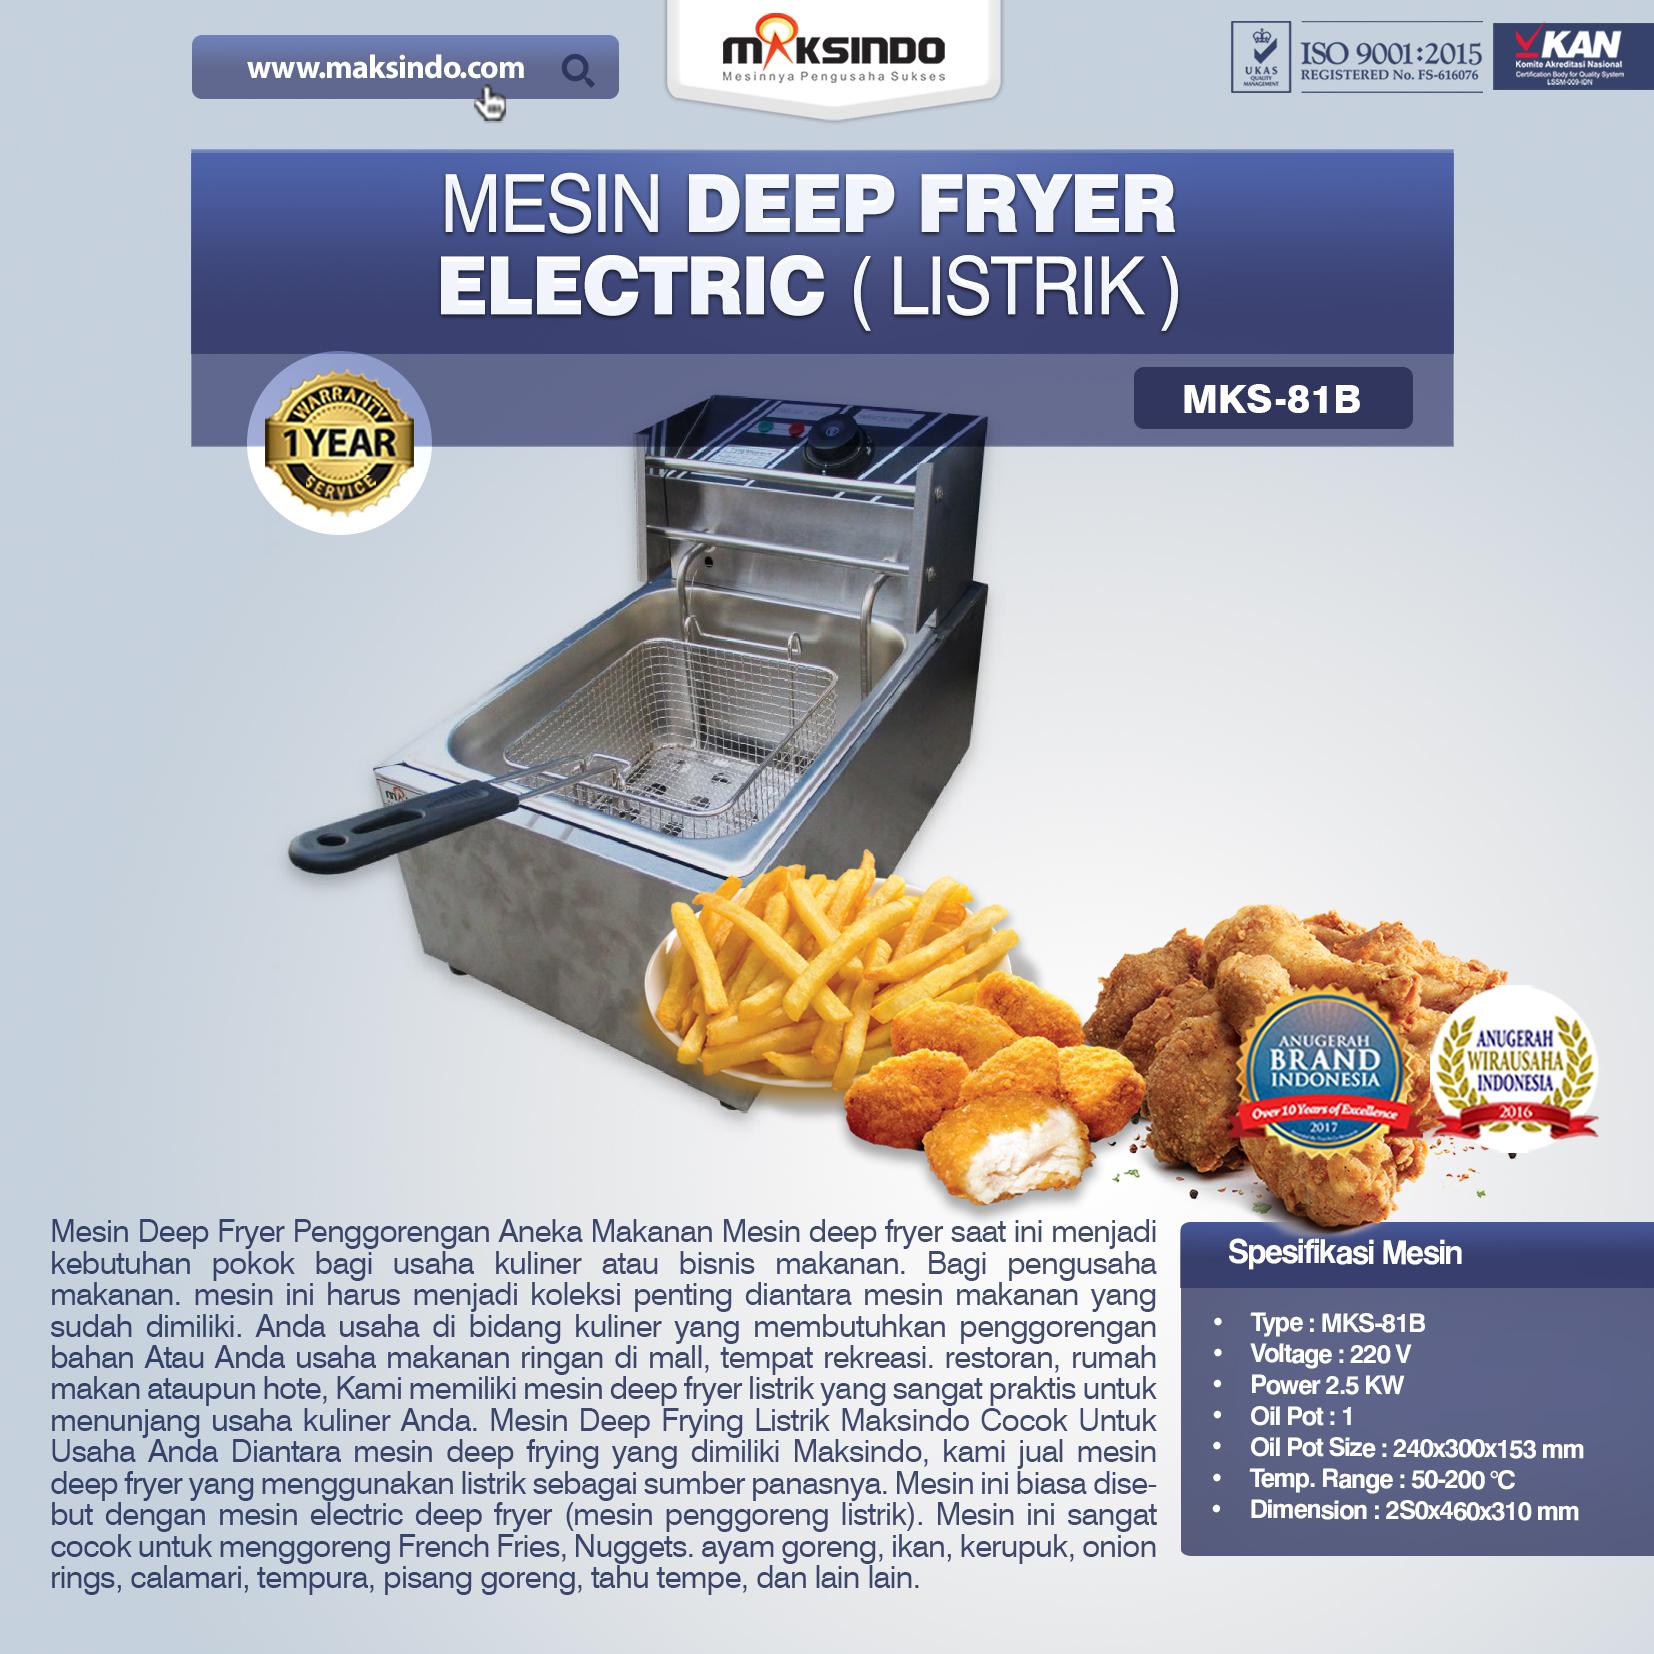 Jual Mesin Deep Fryer Listrik MKS-81B di Blitar